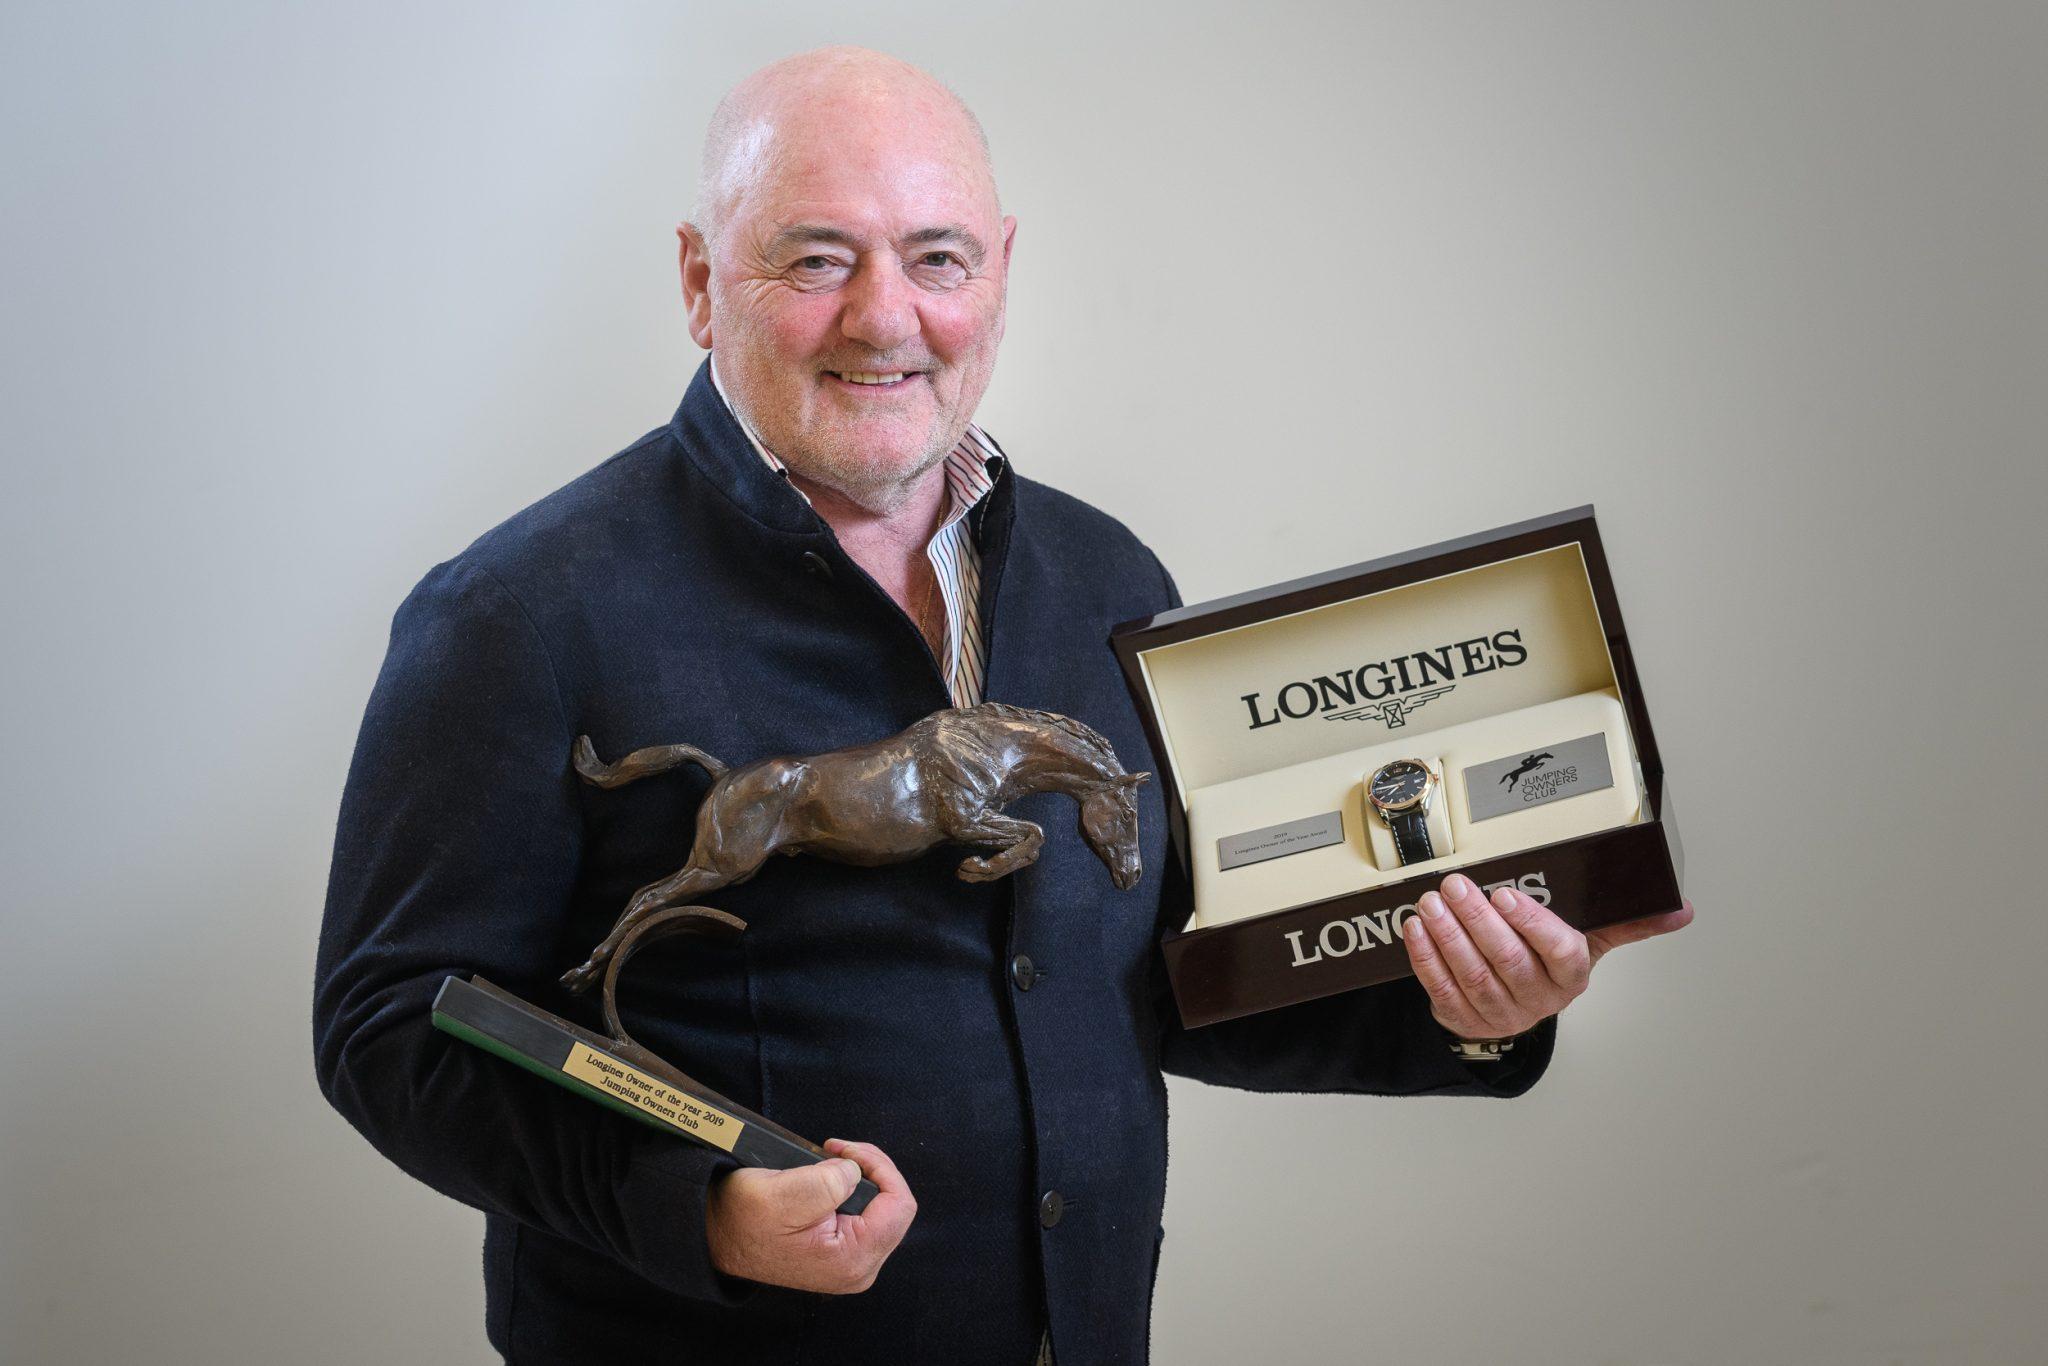 Az év Longines tulajdonosa díj